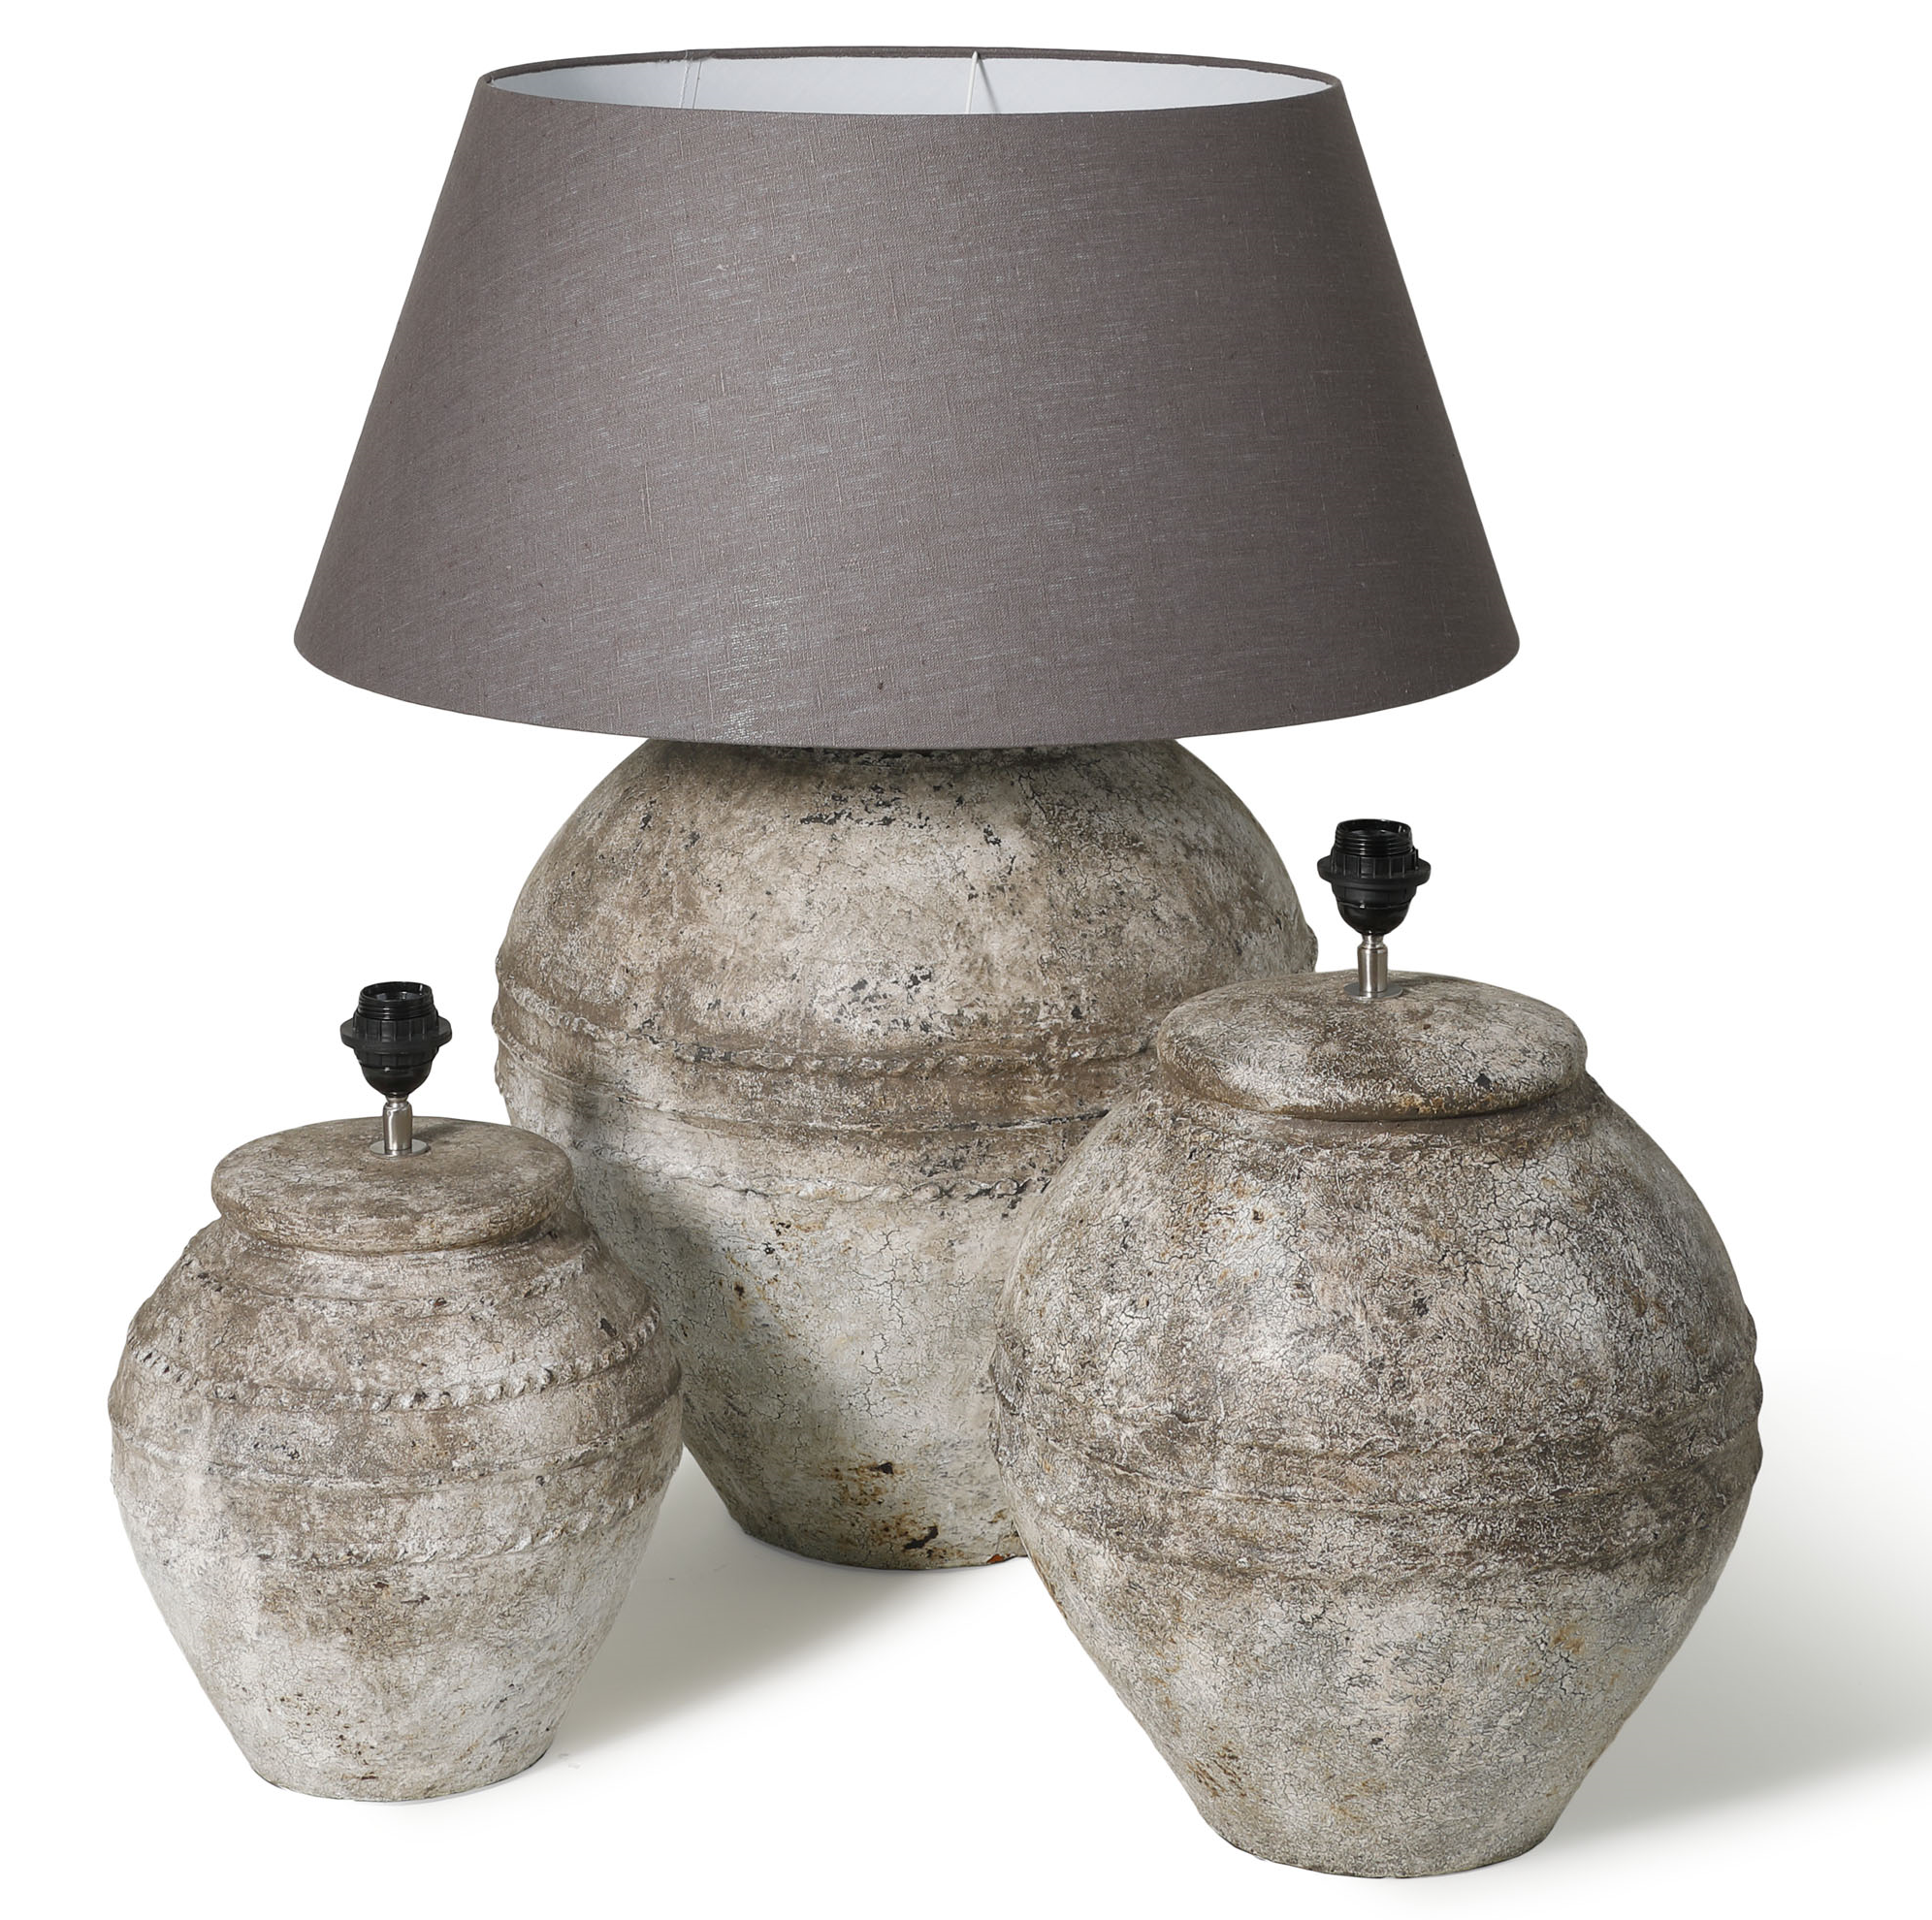 Genoeg Brosi, Gentong Antique White L d45x60 lampenvoet/tafellamp/lamp @EA84